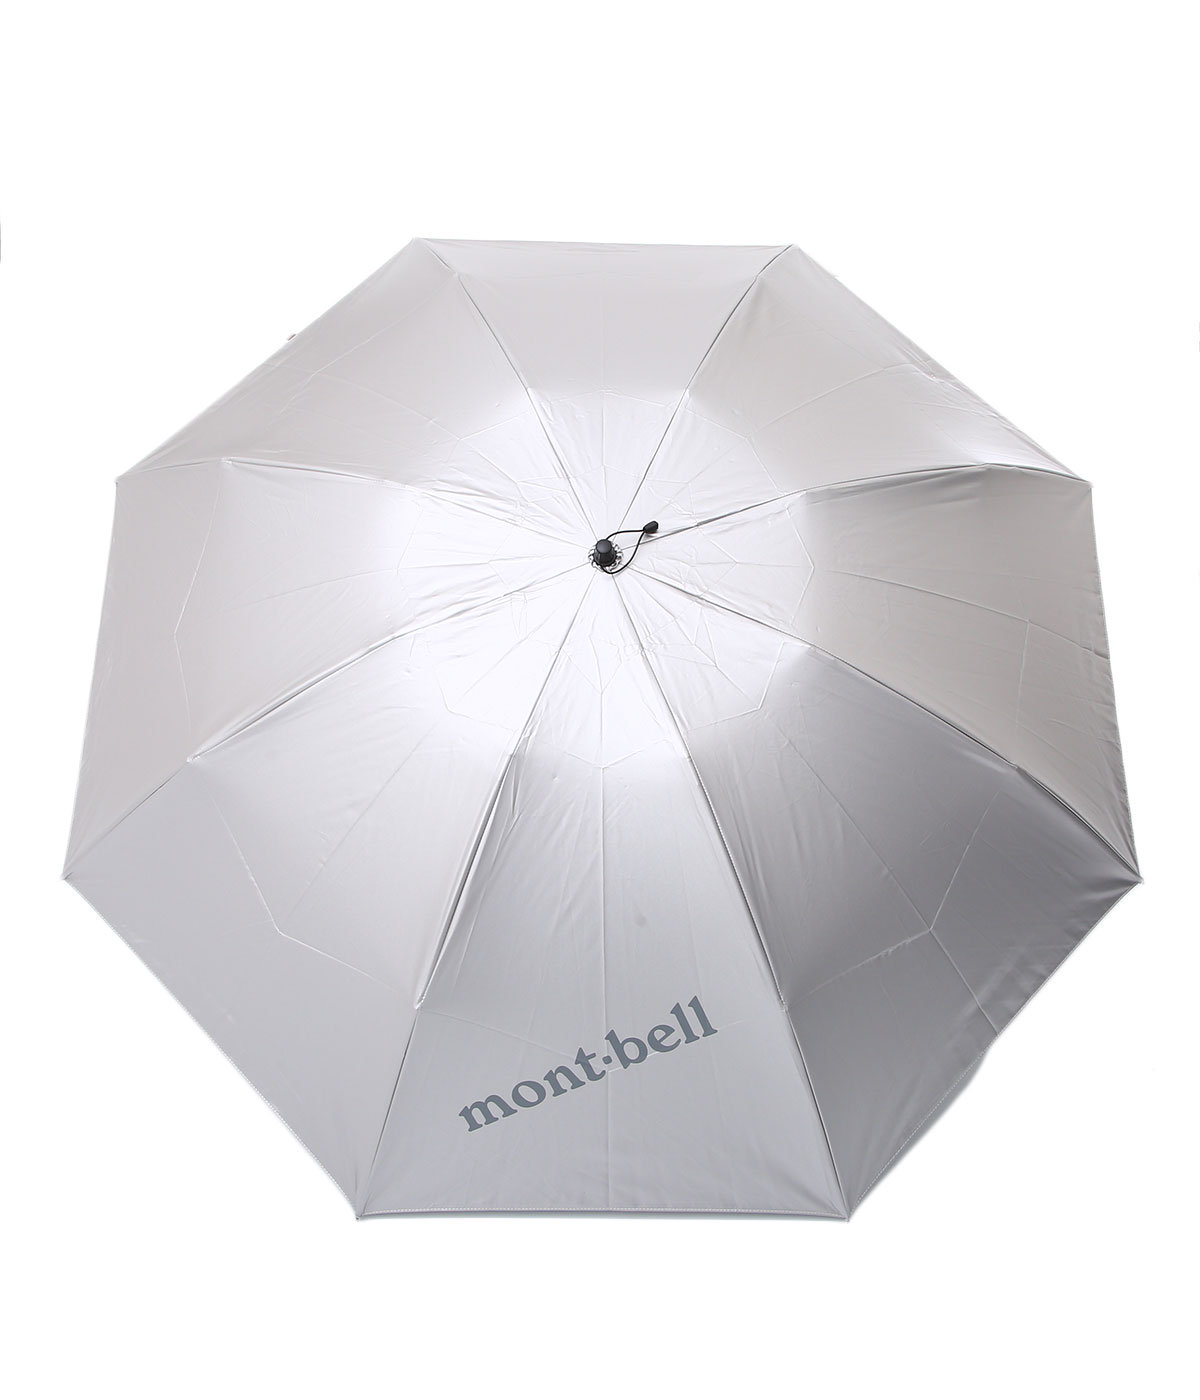 サンブロックアンブレラ / 折りたたみ傘